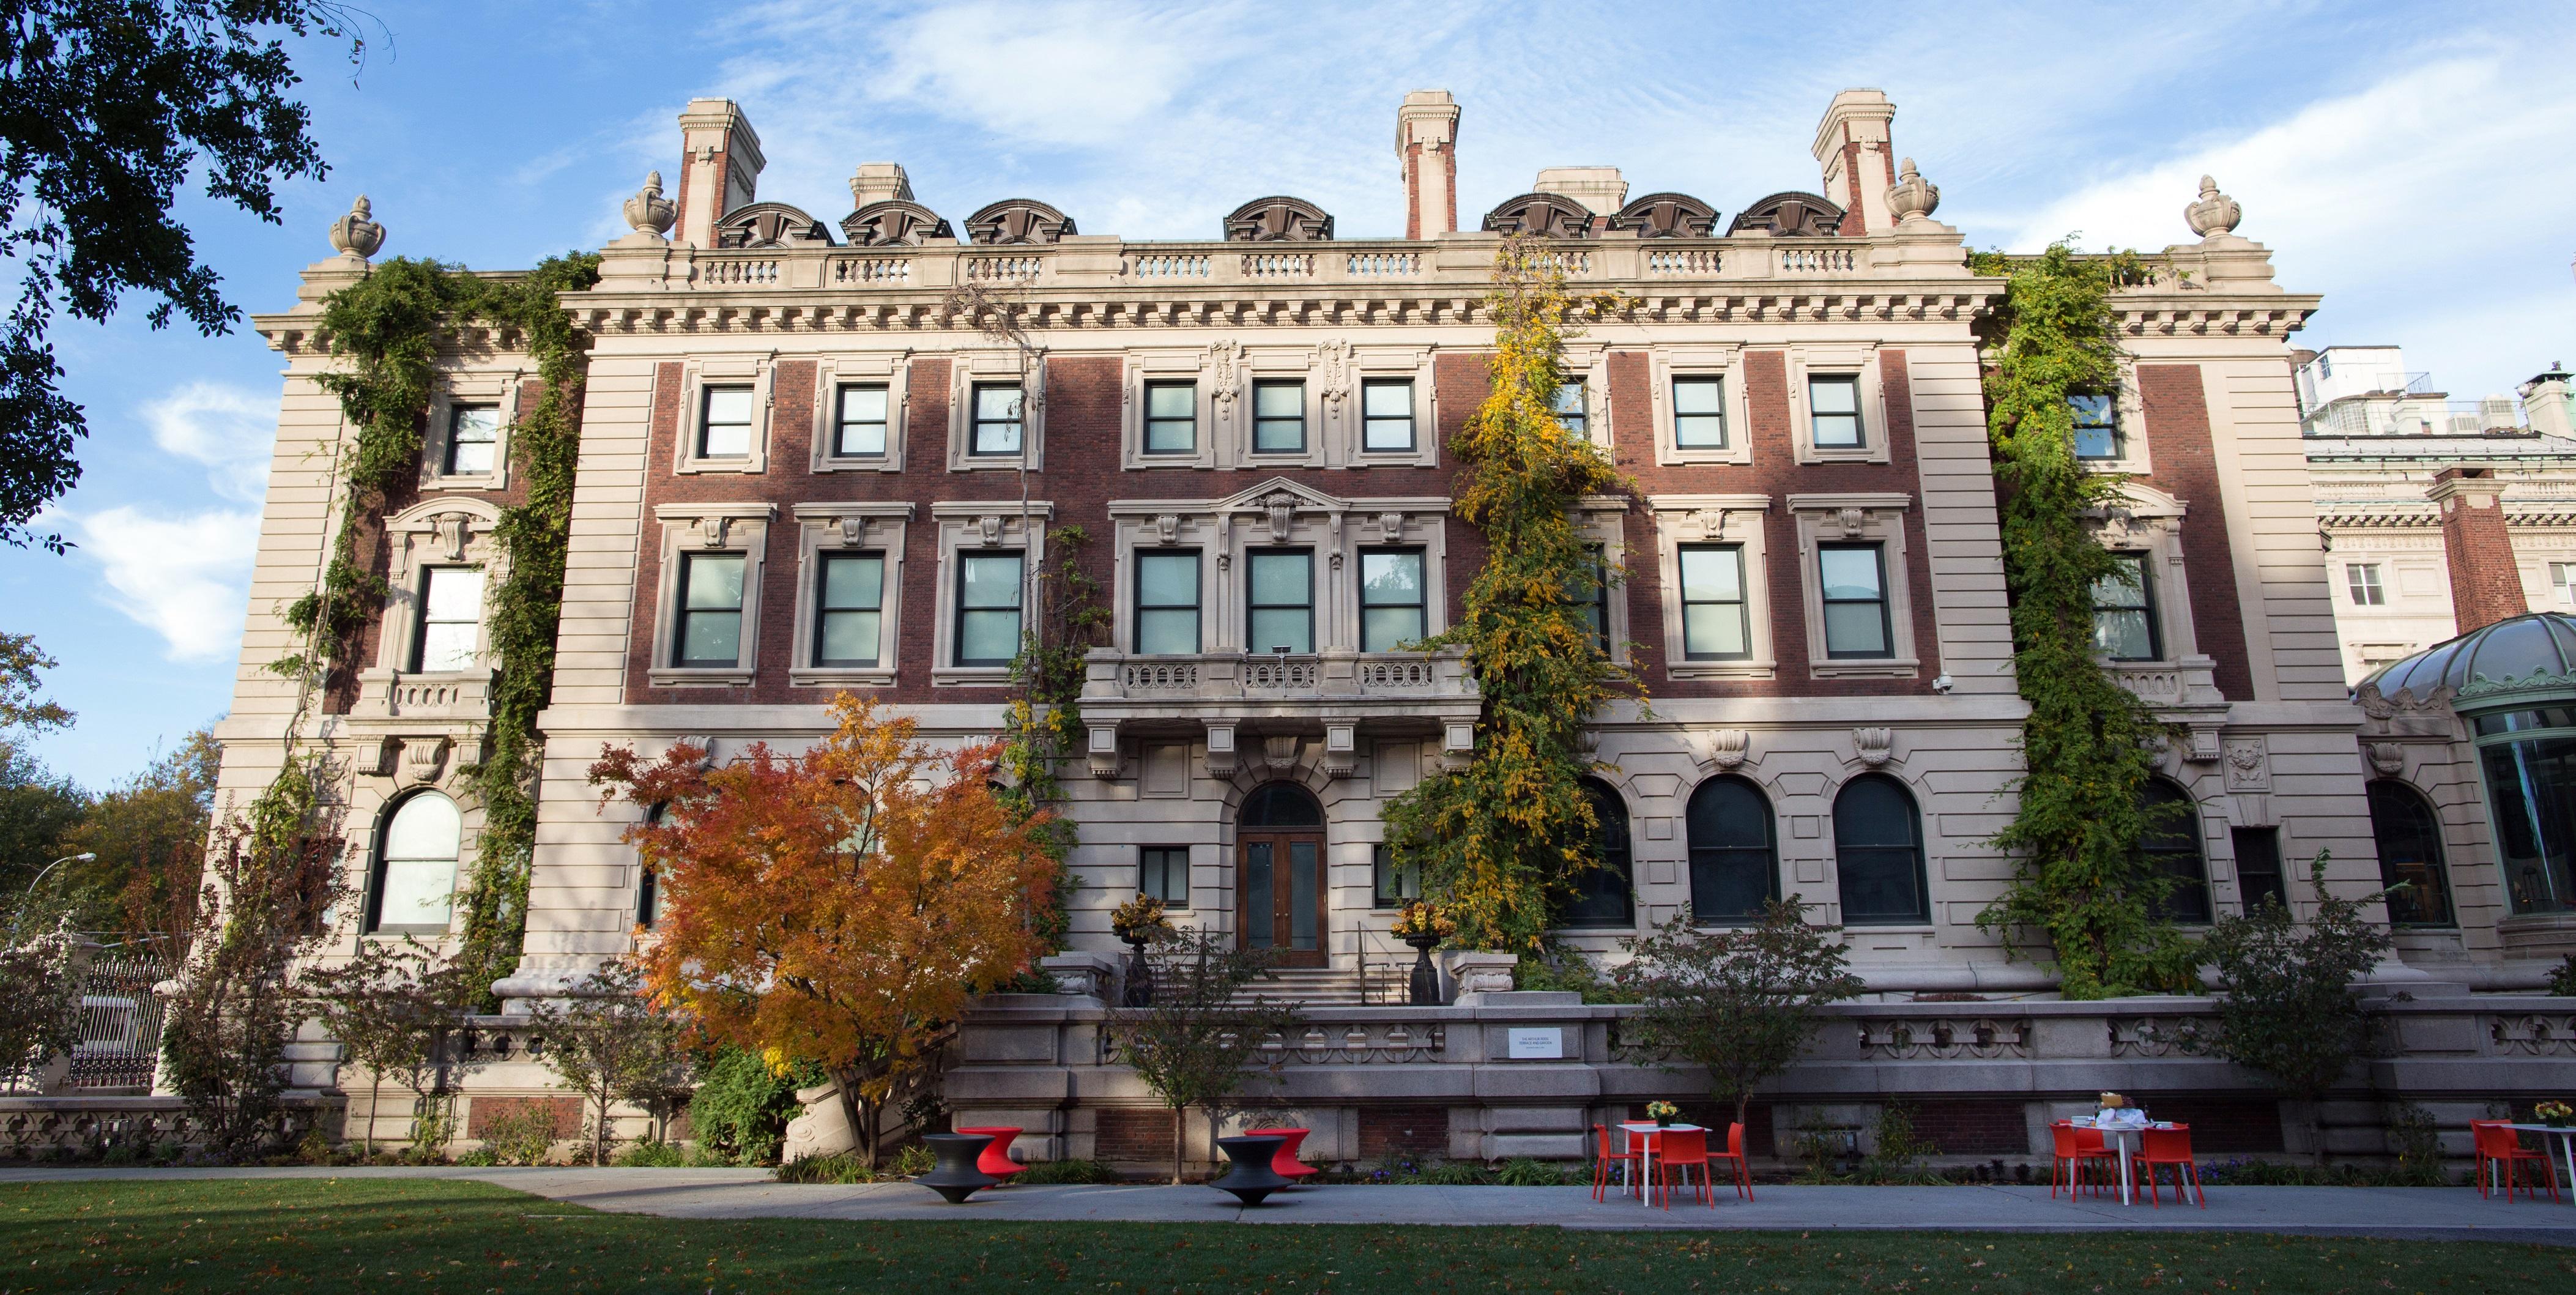 Cooper Hewitt Smithsonian Design Museum